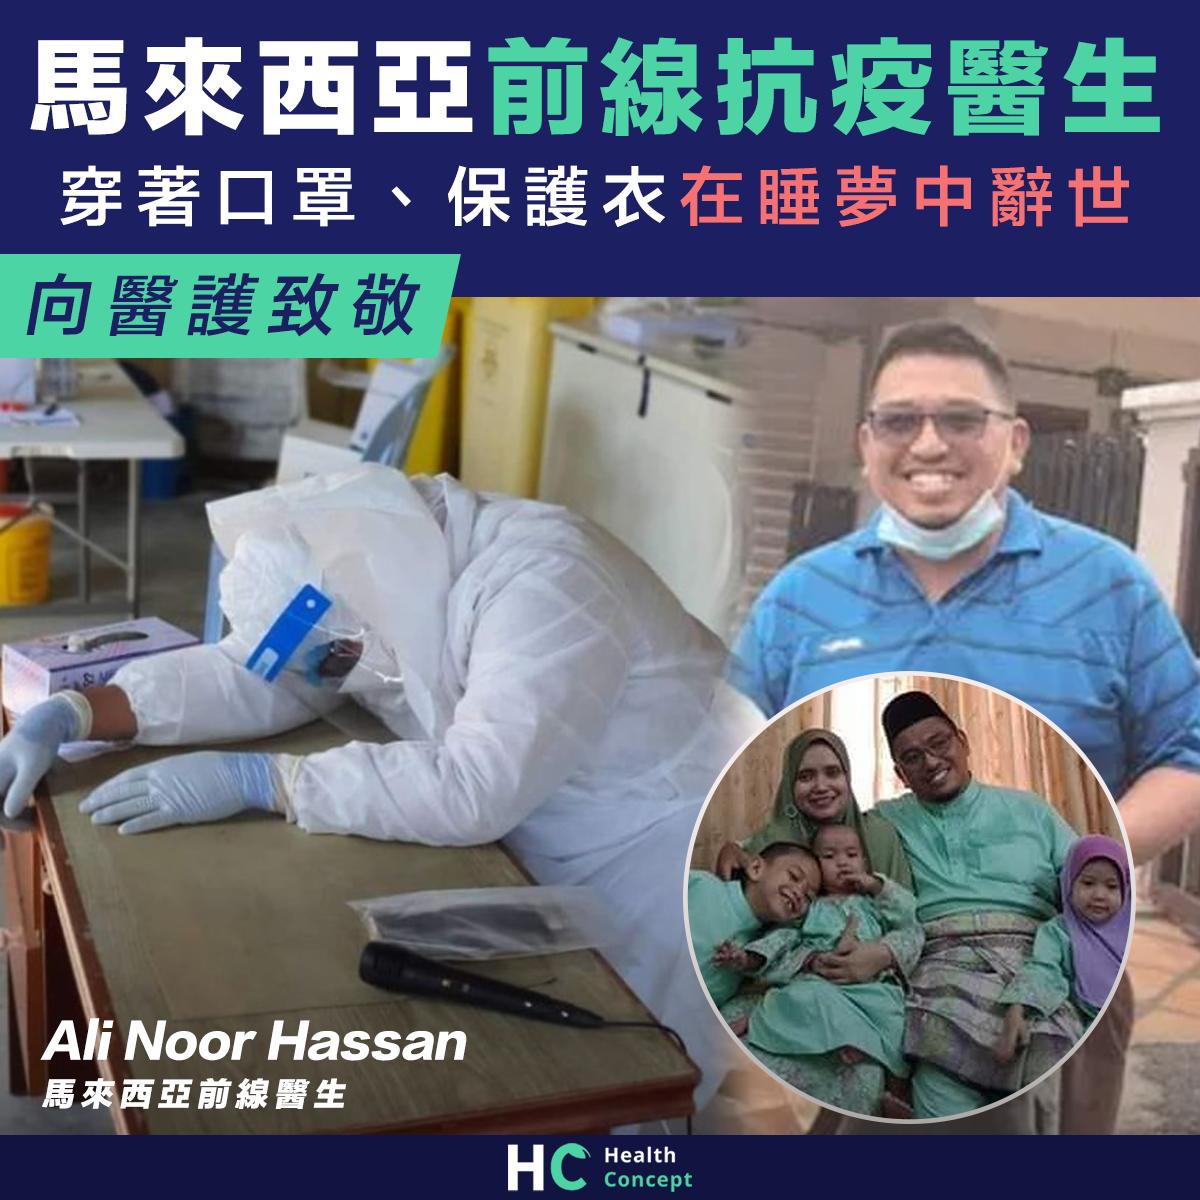 馬來西亞前線抗疫醫生 穿著保護衣在睡夢中辭世